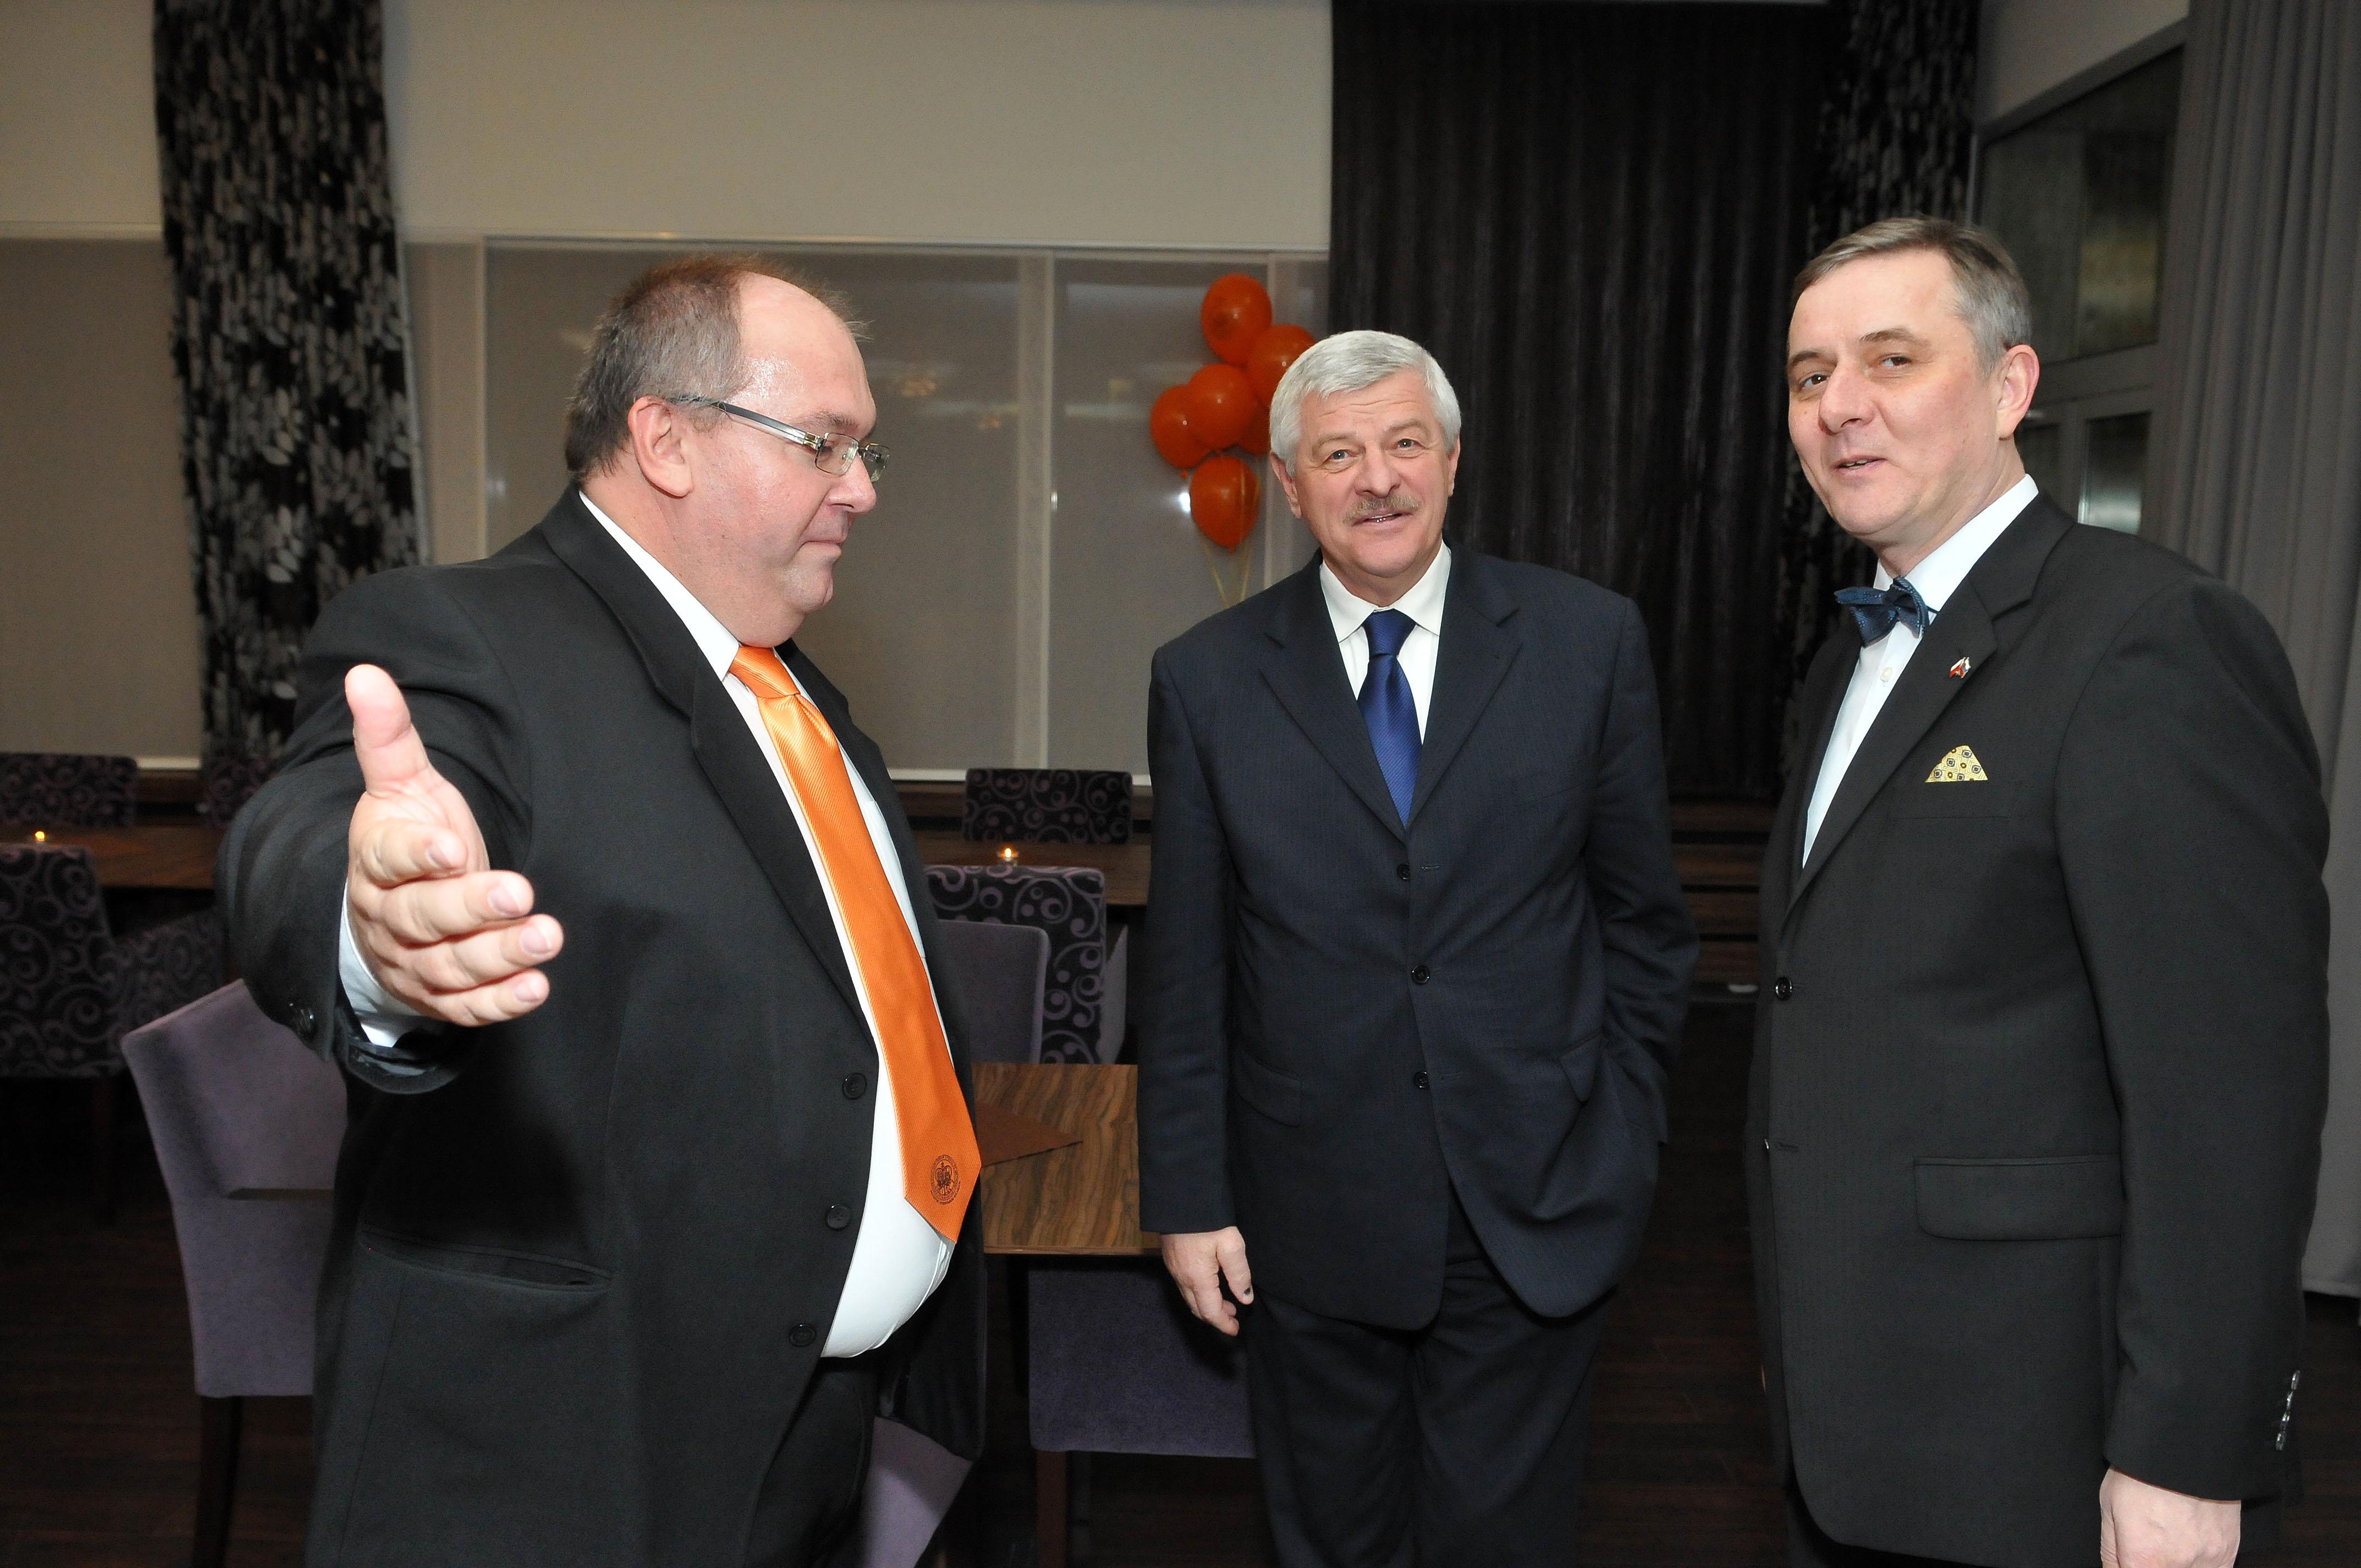 Zľava: dekan FSV Peter Horváth, trnavský župan Tibor Mikuš a poľský veľvyslanec Tomasz Chloń